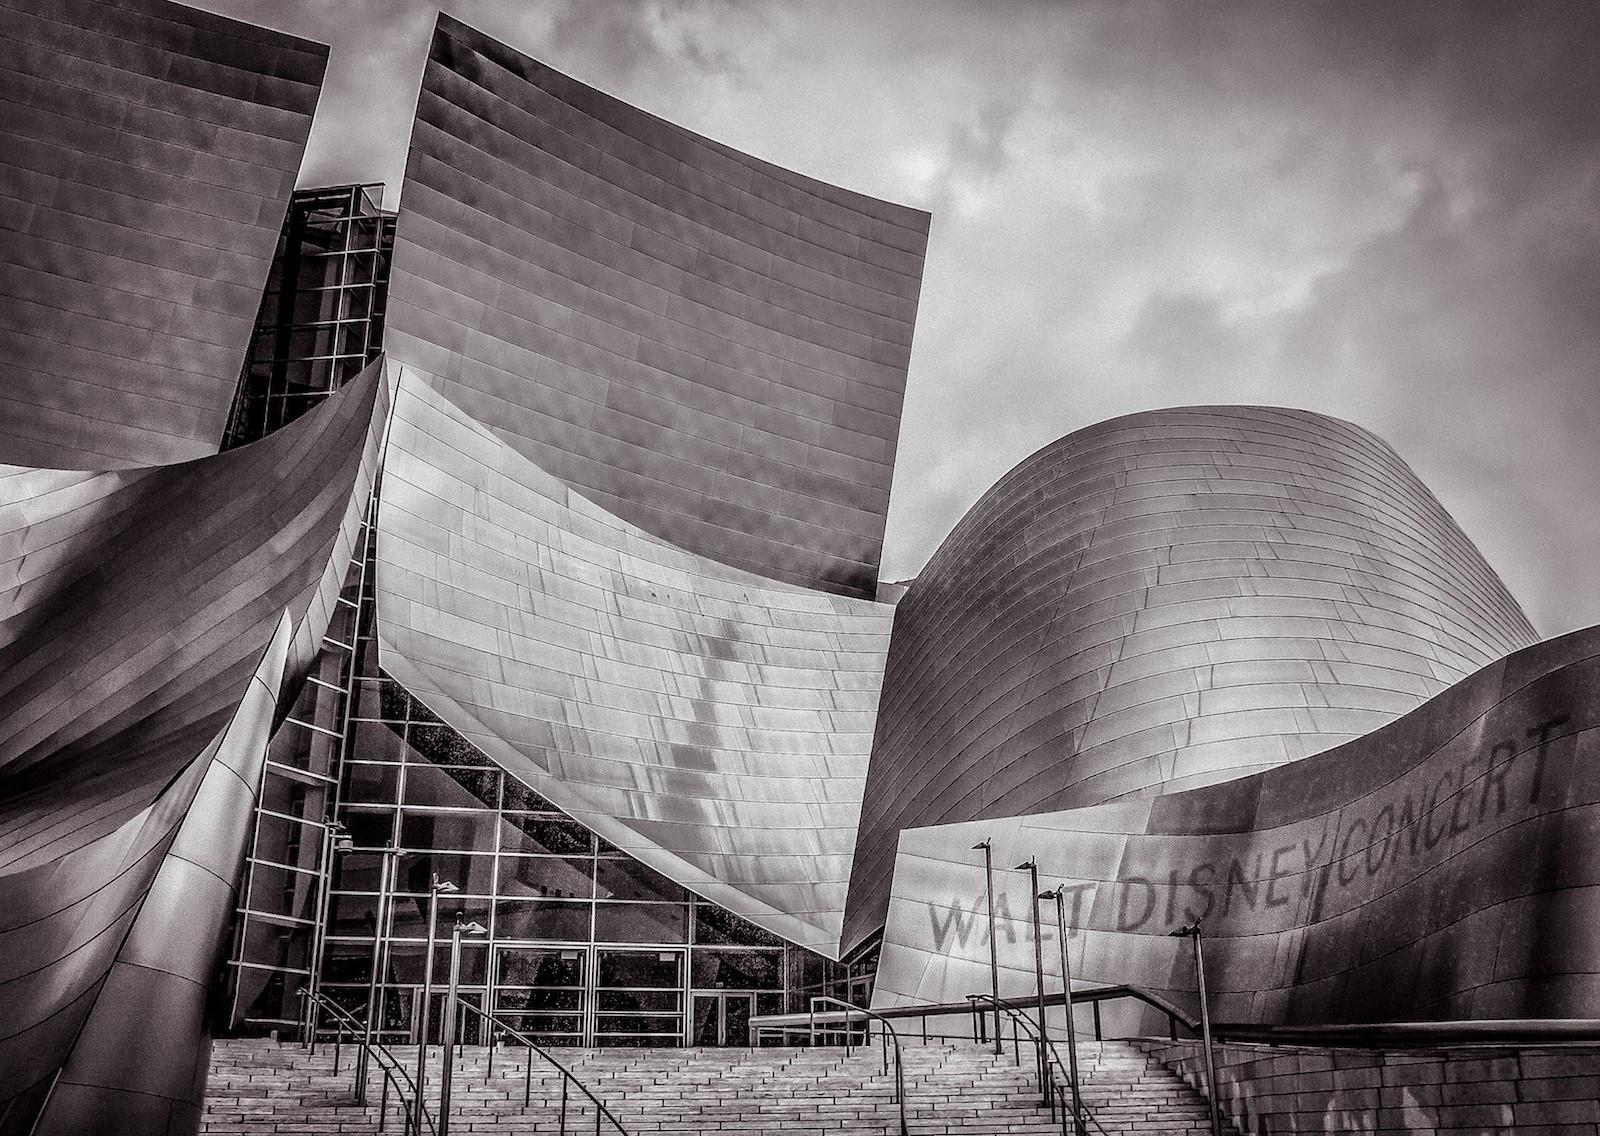 MONO - Walt in LA by Brian Blakely (10 marks)